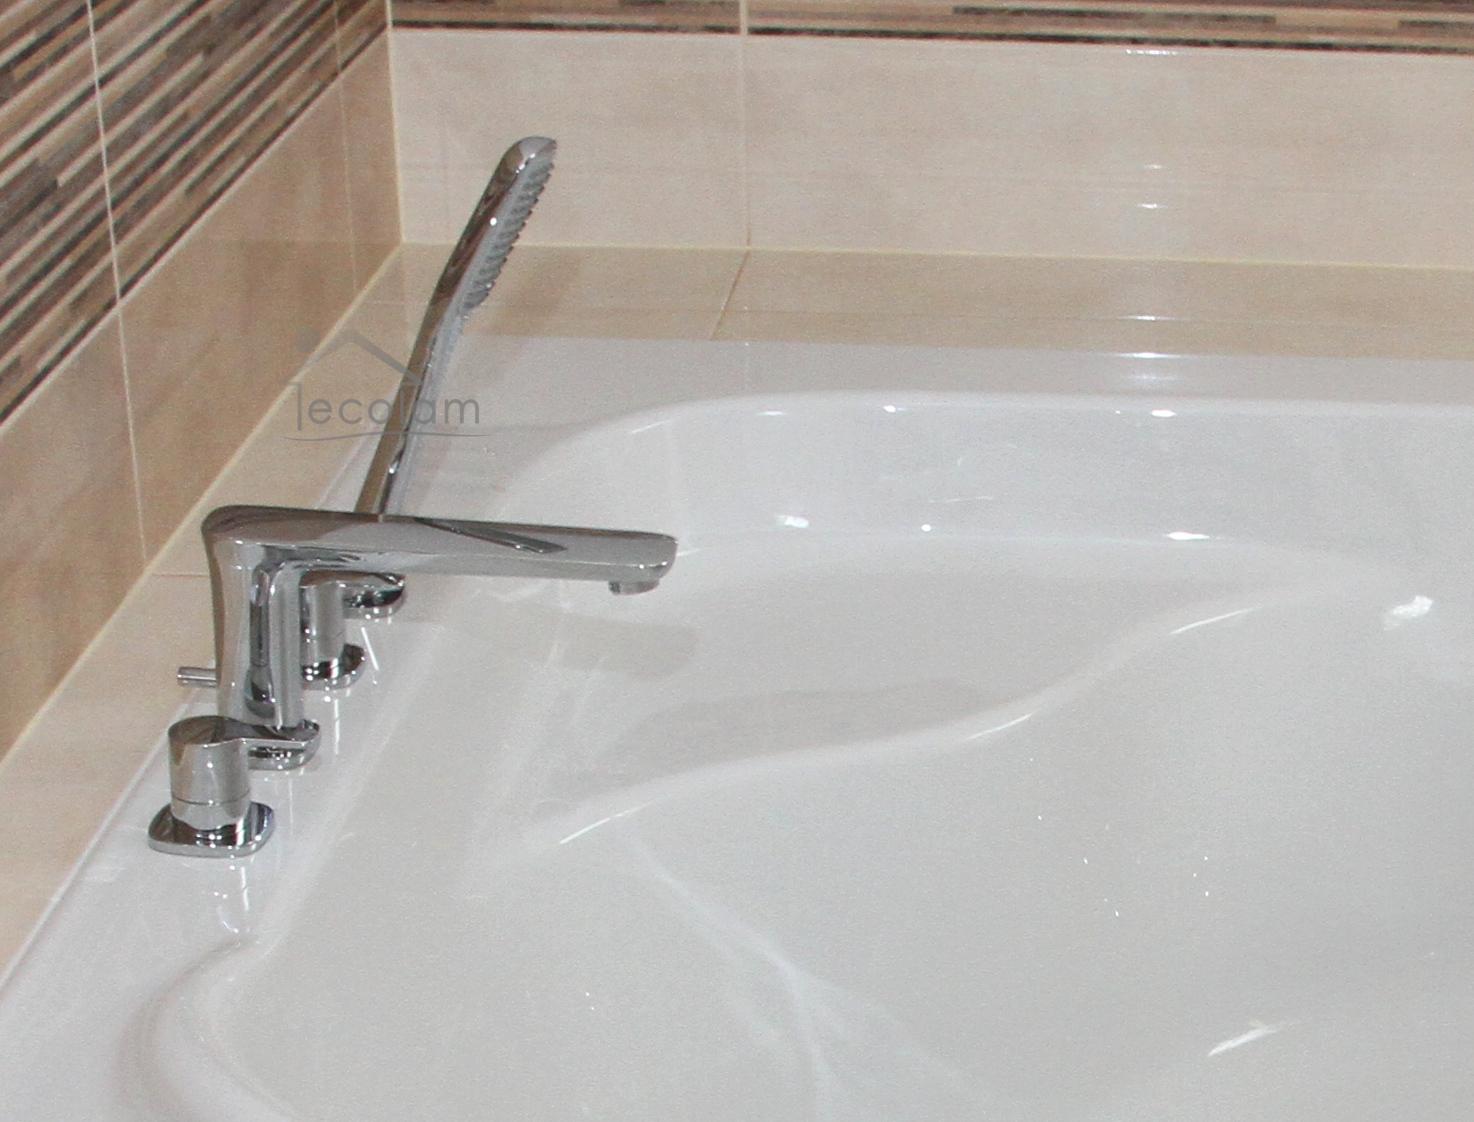 set badewannenarmatur handbrause badewanne auslauf wannenrand armatur 4 loch h ebay. Black Bedroom Furniture Sets. Home Design Ideas